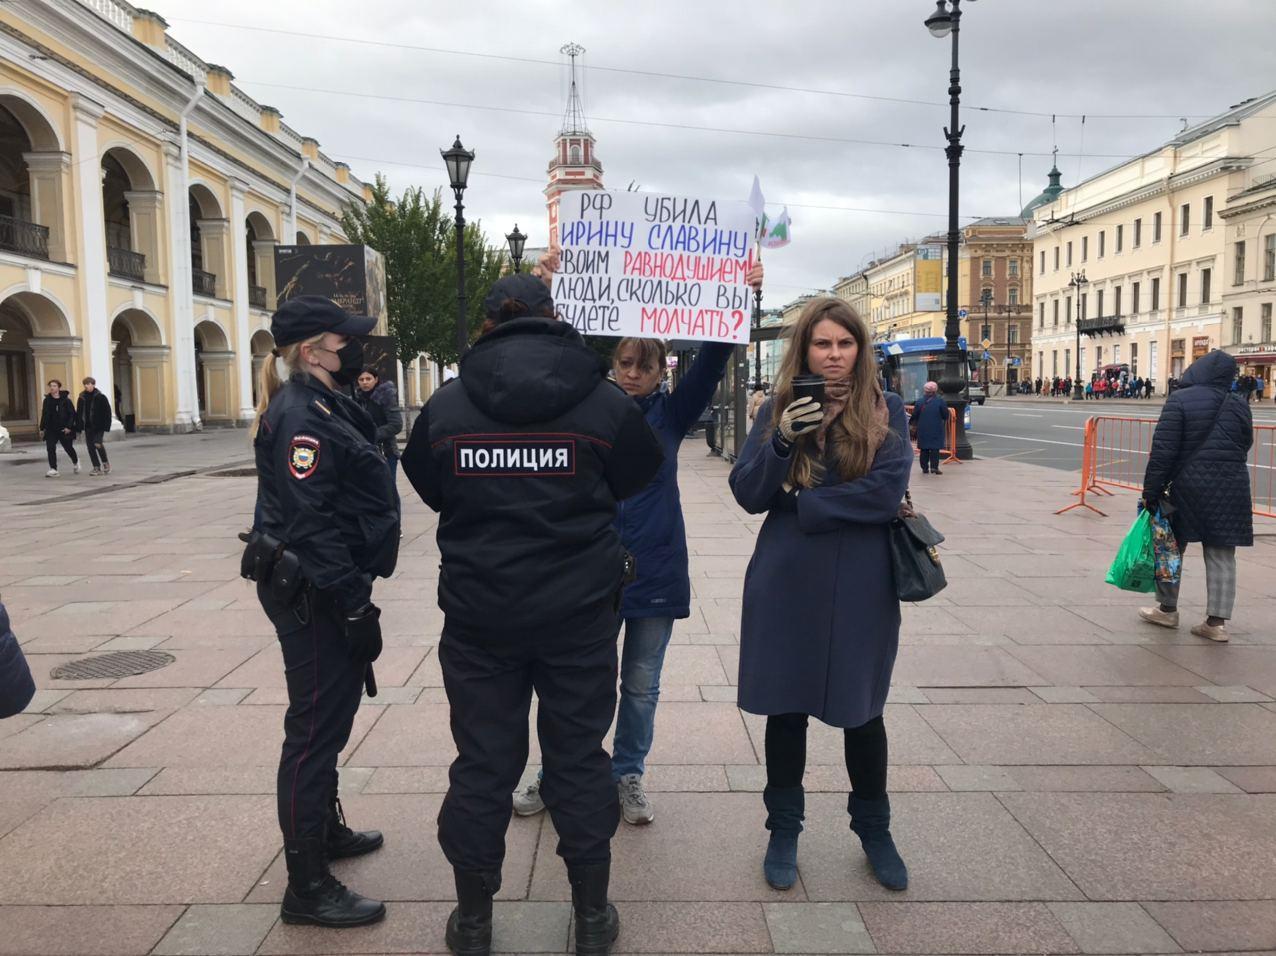 фото ЗакС политика Госдума окончательно приняла закон о наказании за непропуск скорой помощи